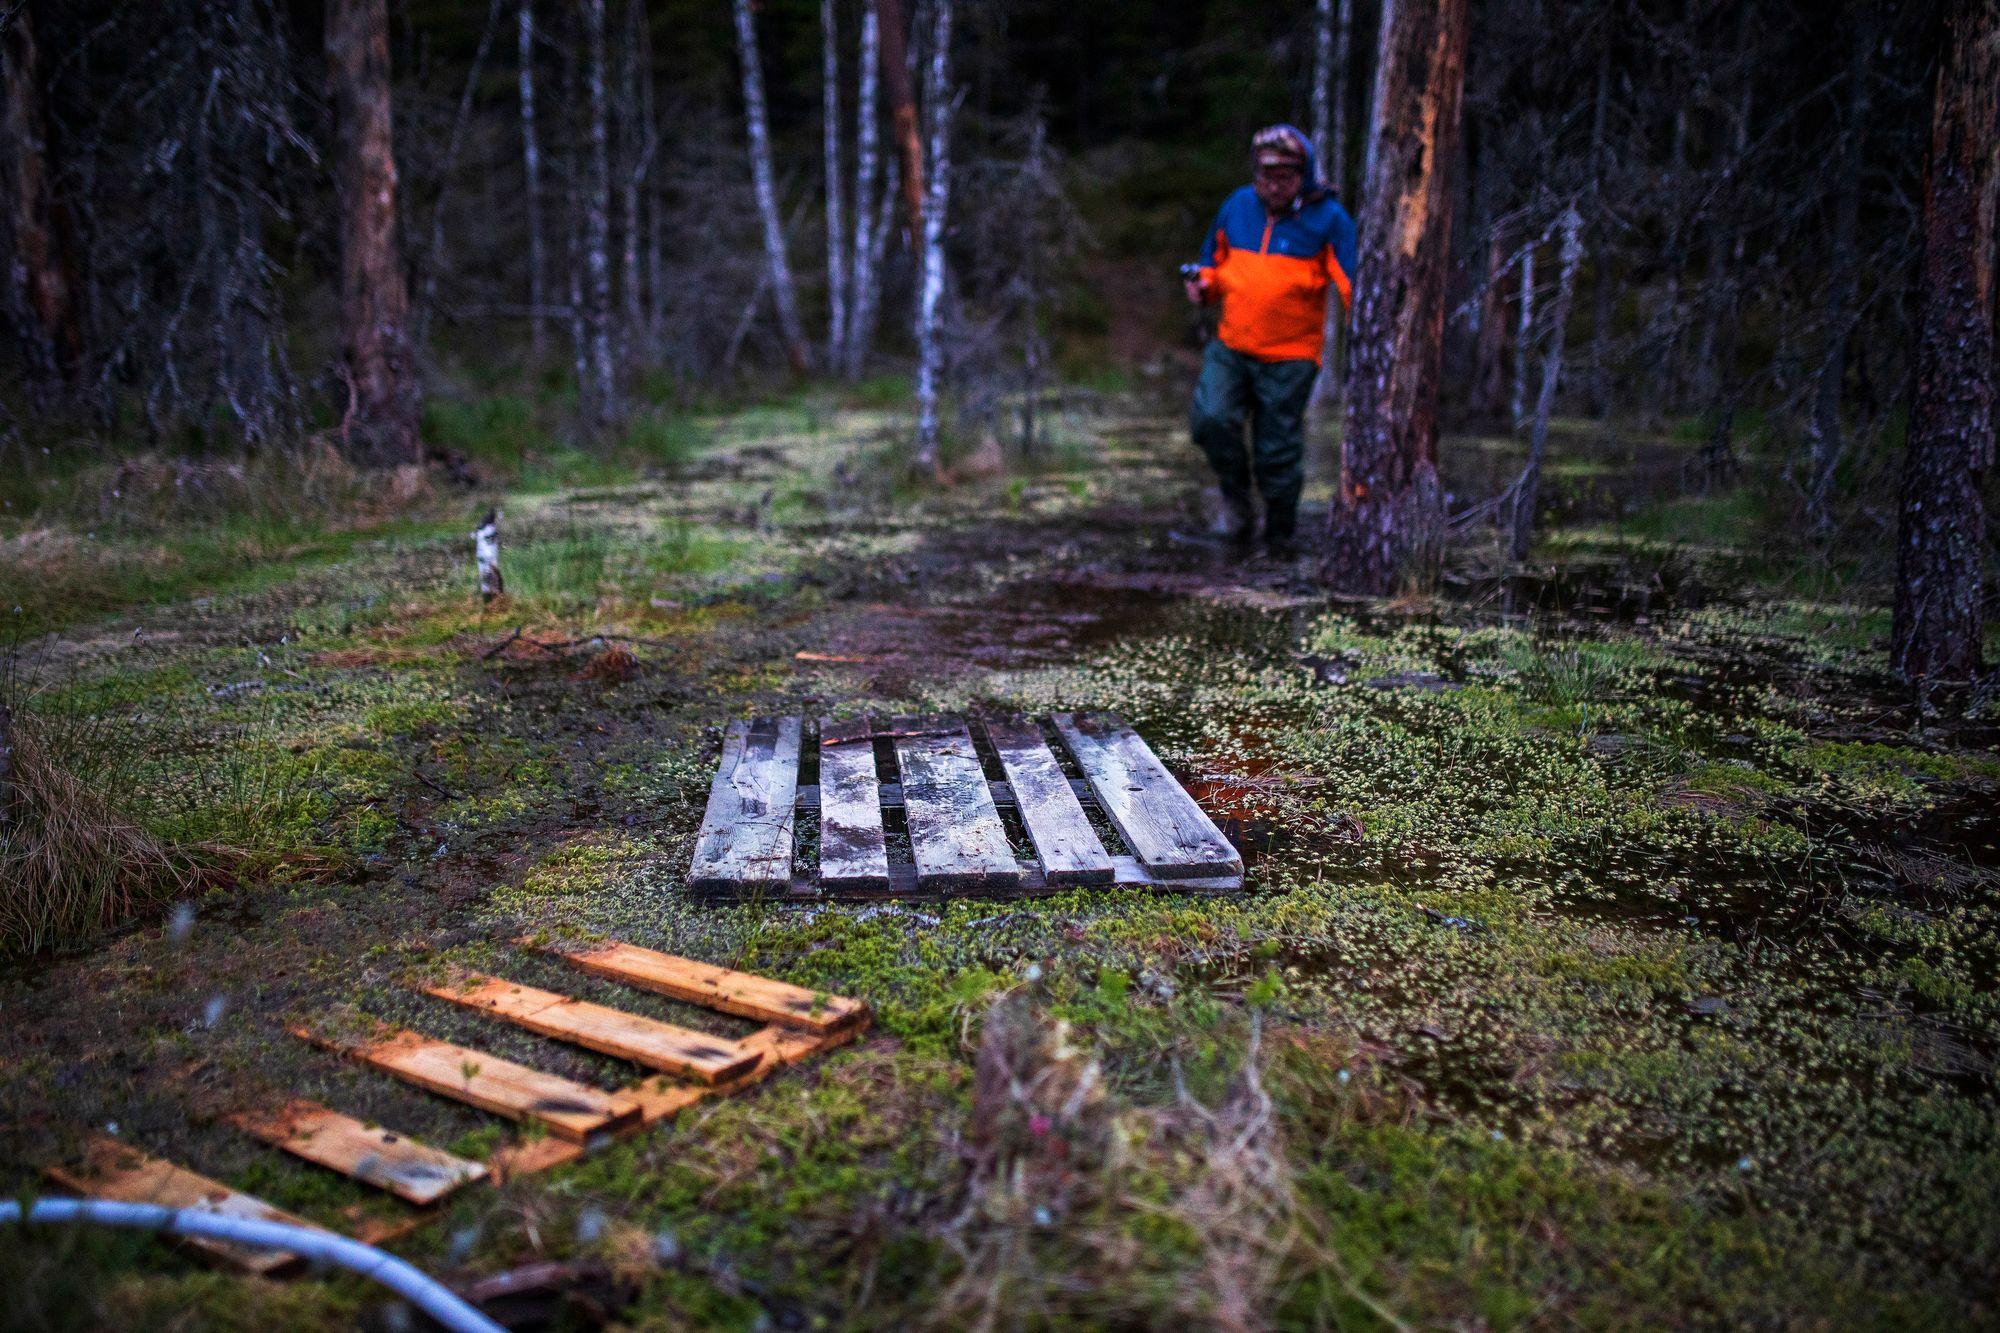 Luonnonperintösäätiön toiminnanjohtaja, kirjailija Pepe Forsberg on huolissaan siitä, että metsät ovat yksipuolistuneet. Lehtipuiden sijaan kuuset ja mäntymetsät valtaavat alaa eikä metsien anneta vanheta rauhassa. © Tommi Mattila